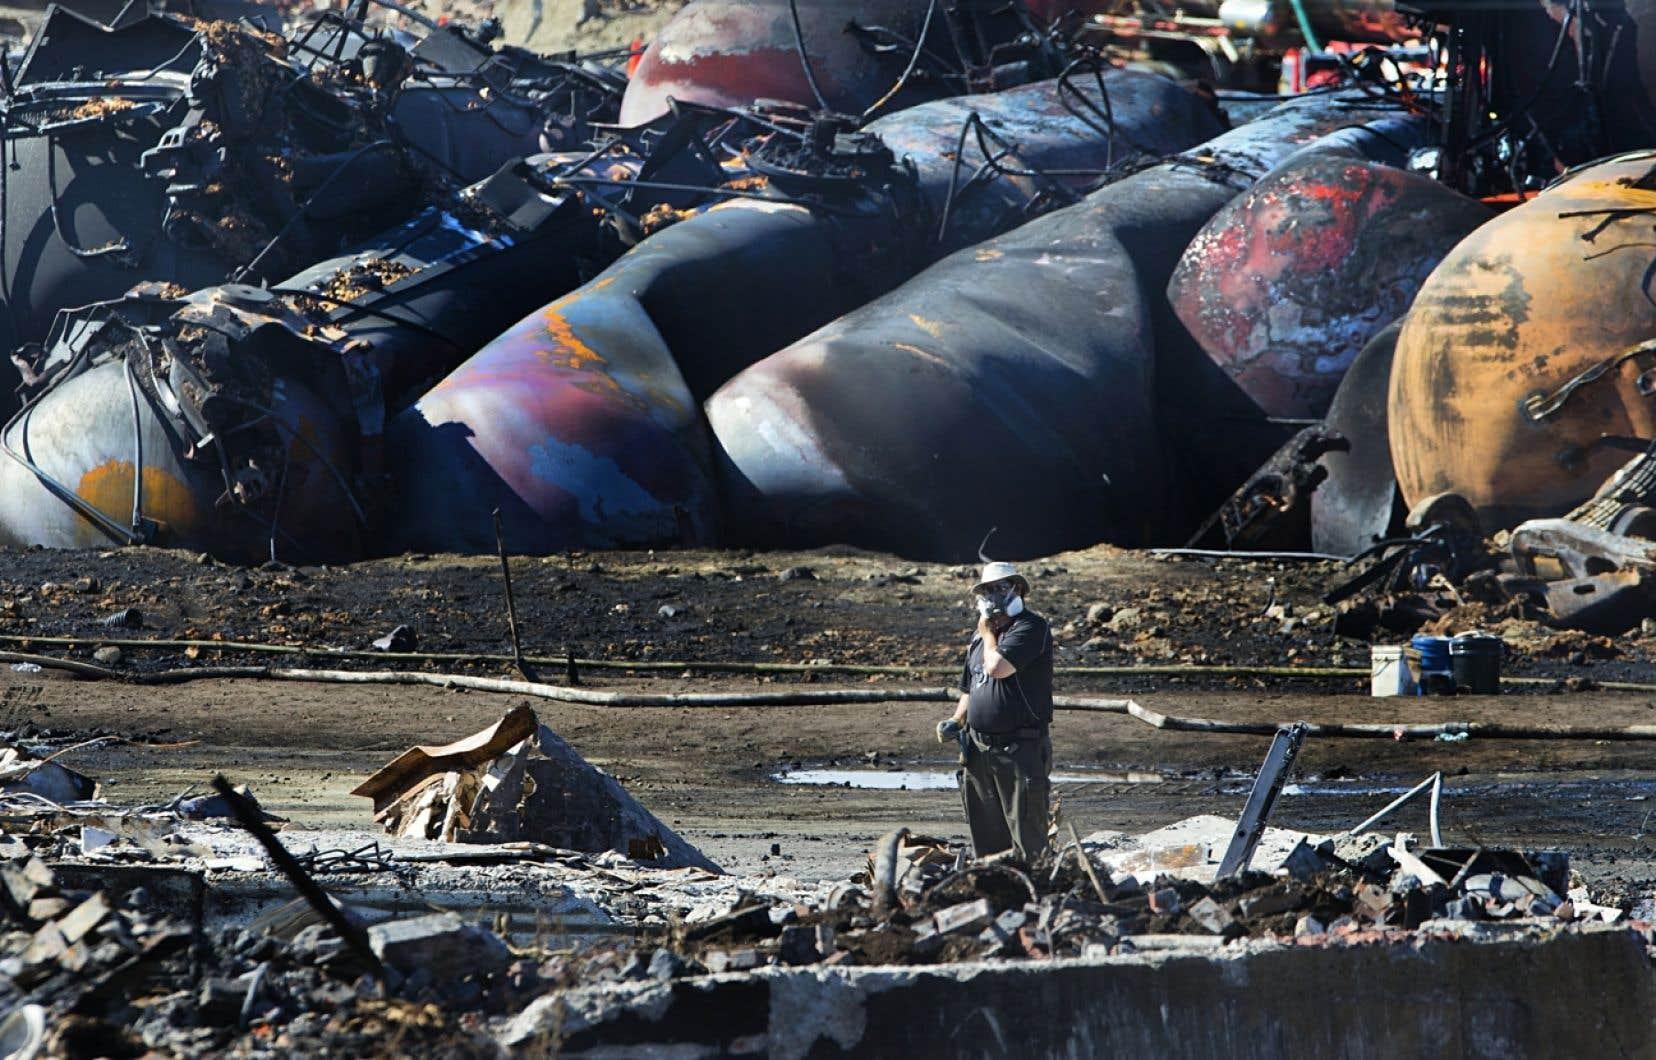 MMA a déclaré faillite après qu'un convoi comptant 72 wagons-citernes remplis de pétrole laissé sans surveillance eut déraillé et explosé à Lac-Mégantic.